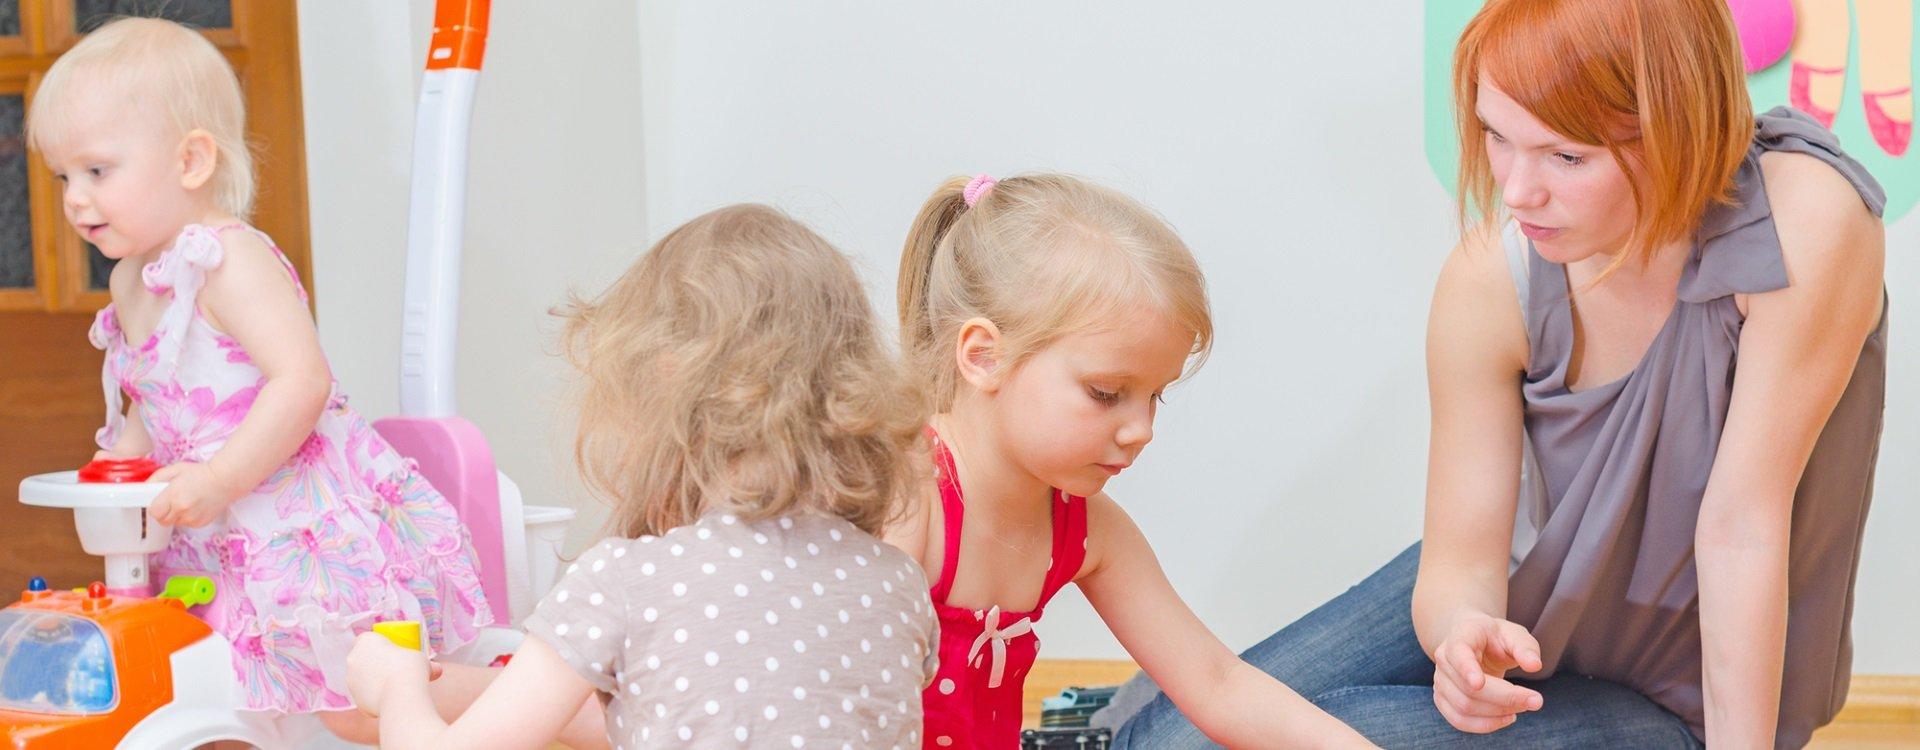 Tagesmutter oder Kindergarten – ihr müsst euch wohlfühlen